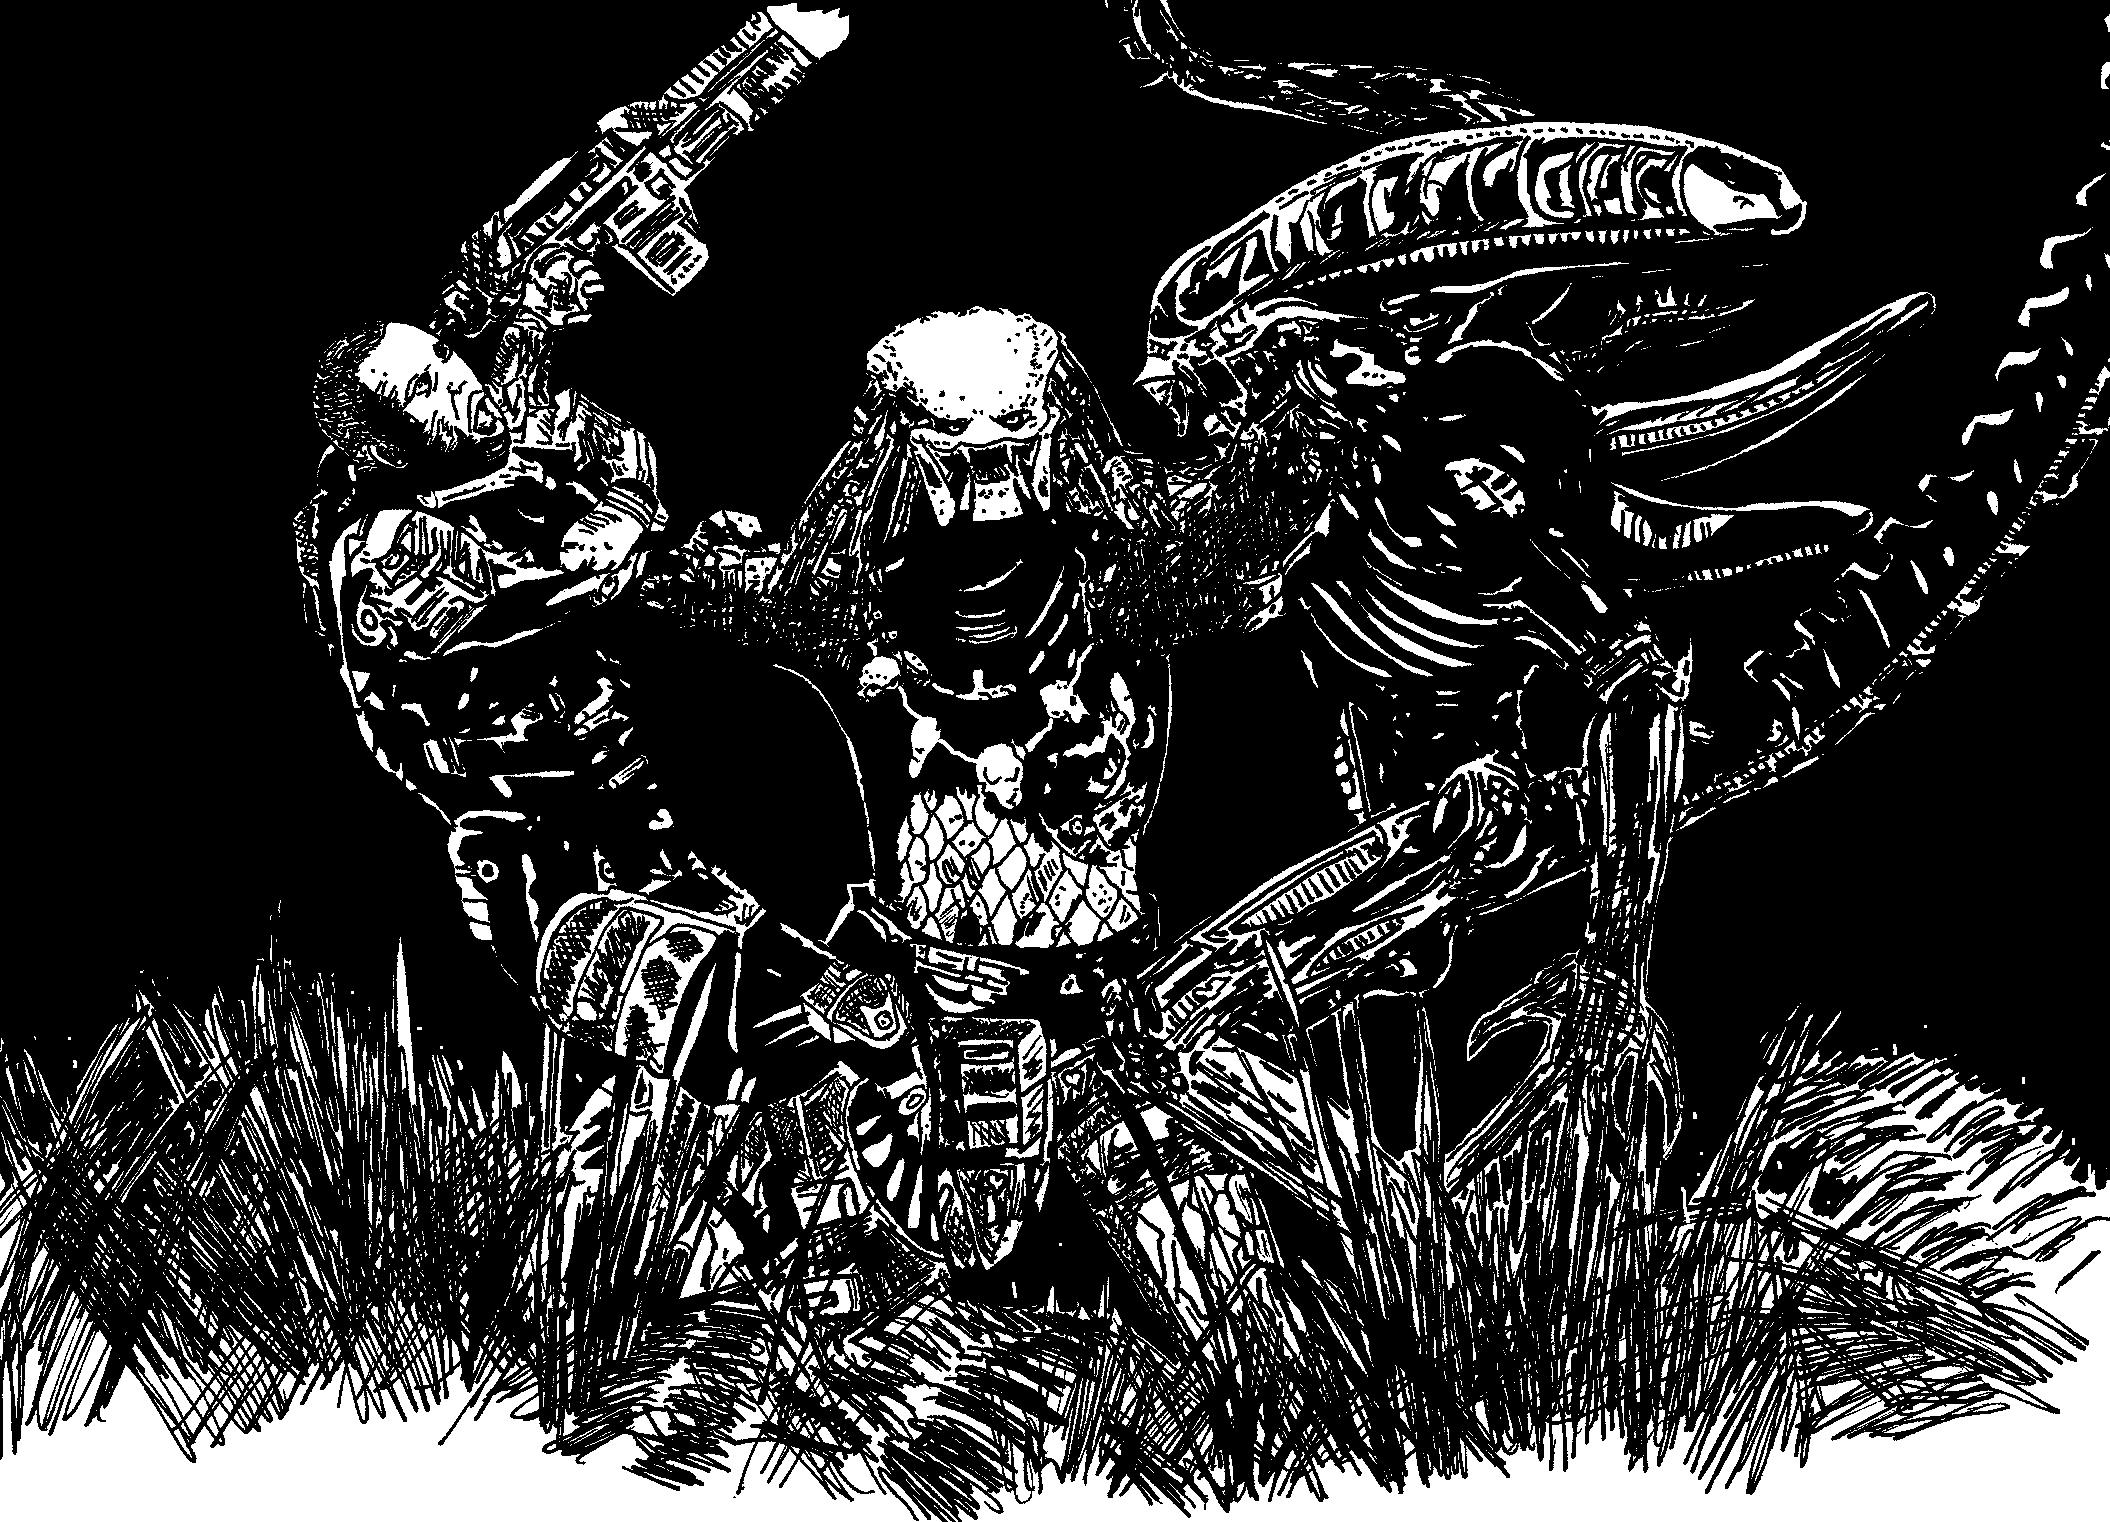 Alien vs predator by ladyjart on deviantart